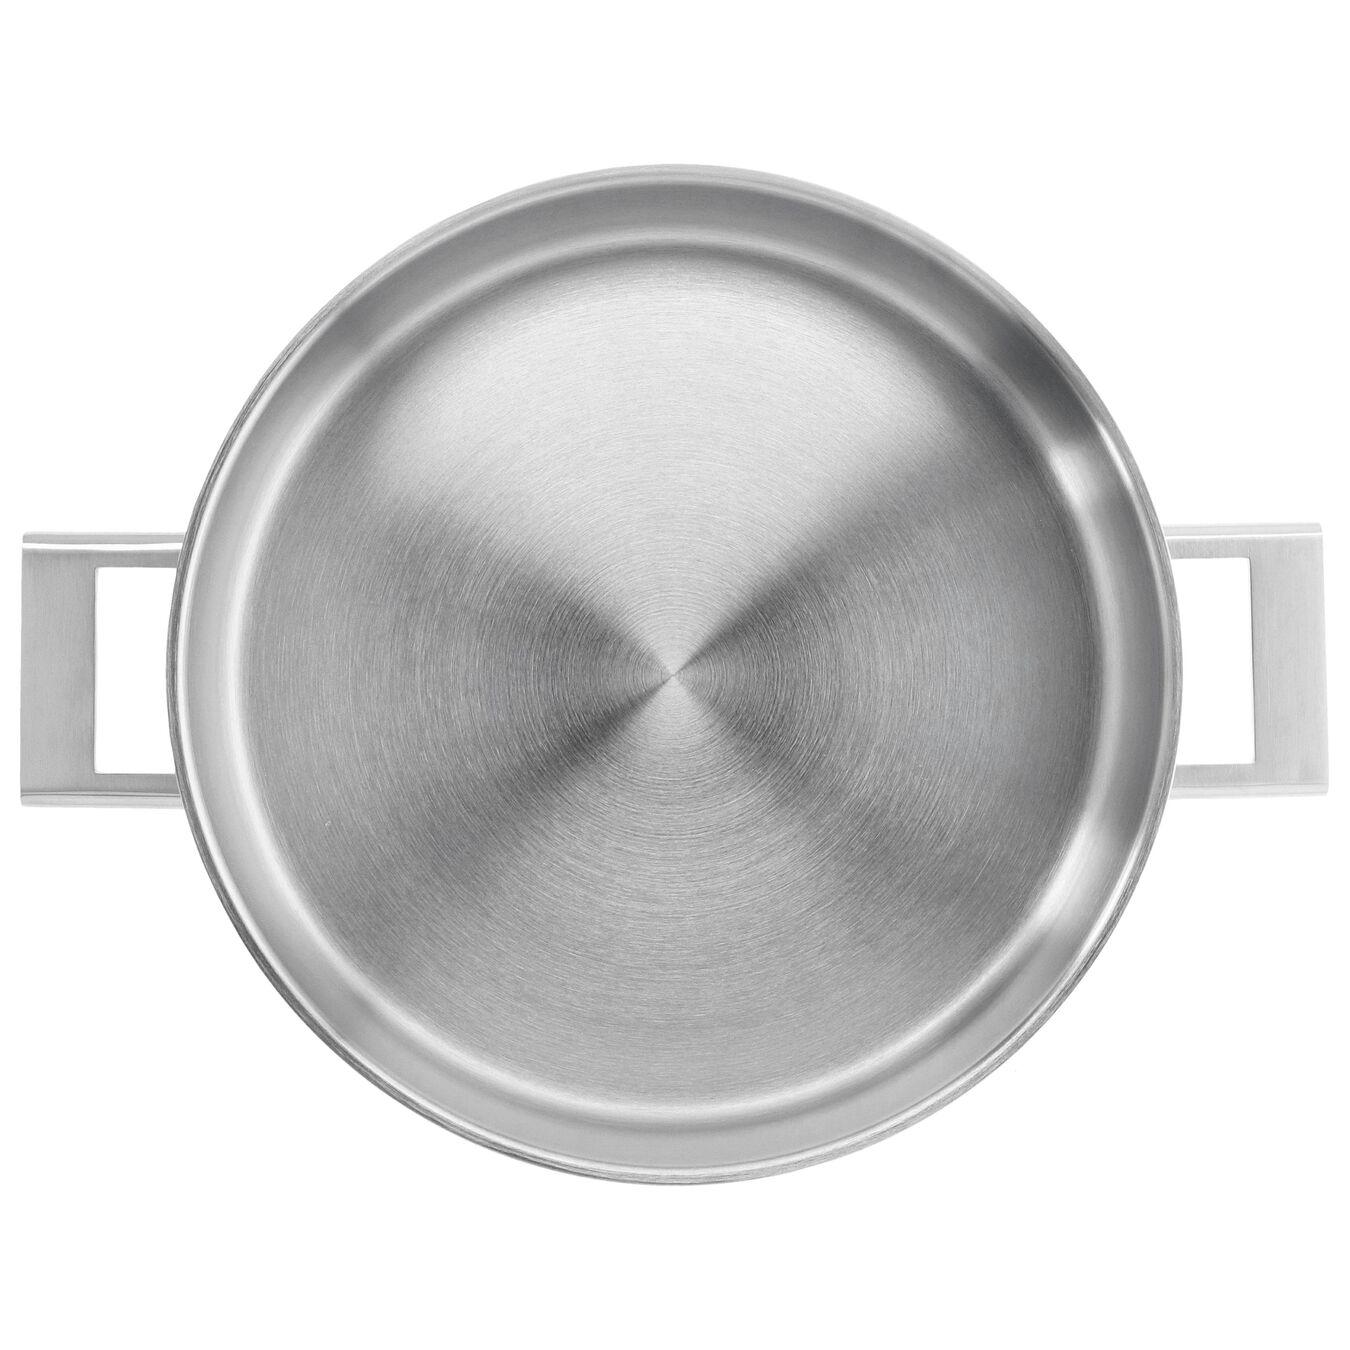 Kookpan met dubbelwandig deksel 28 cm / 4.8 l,,large 5